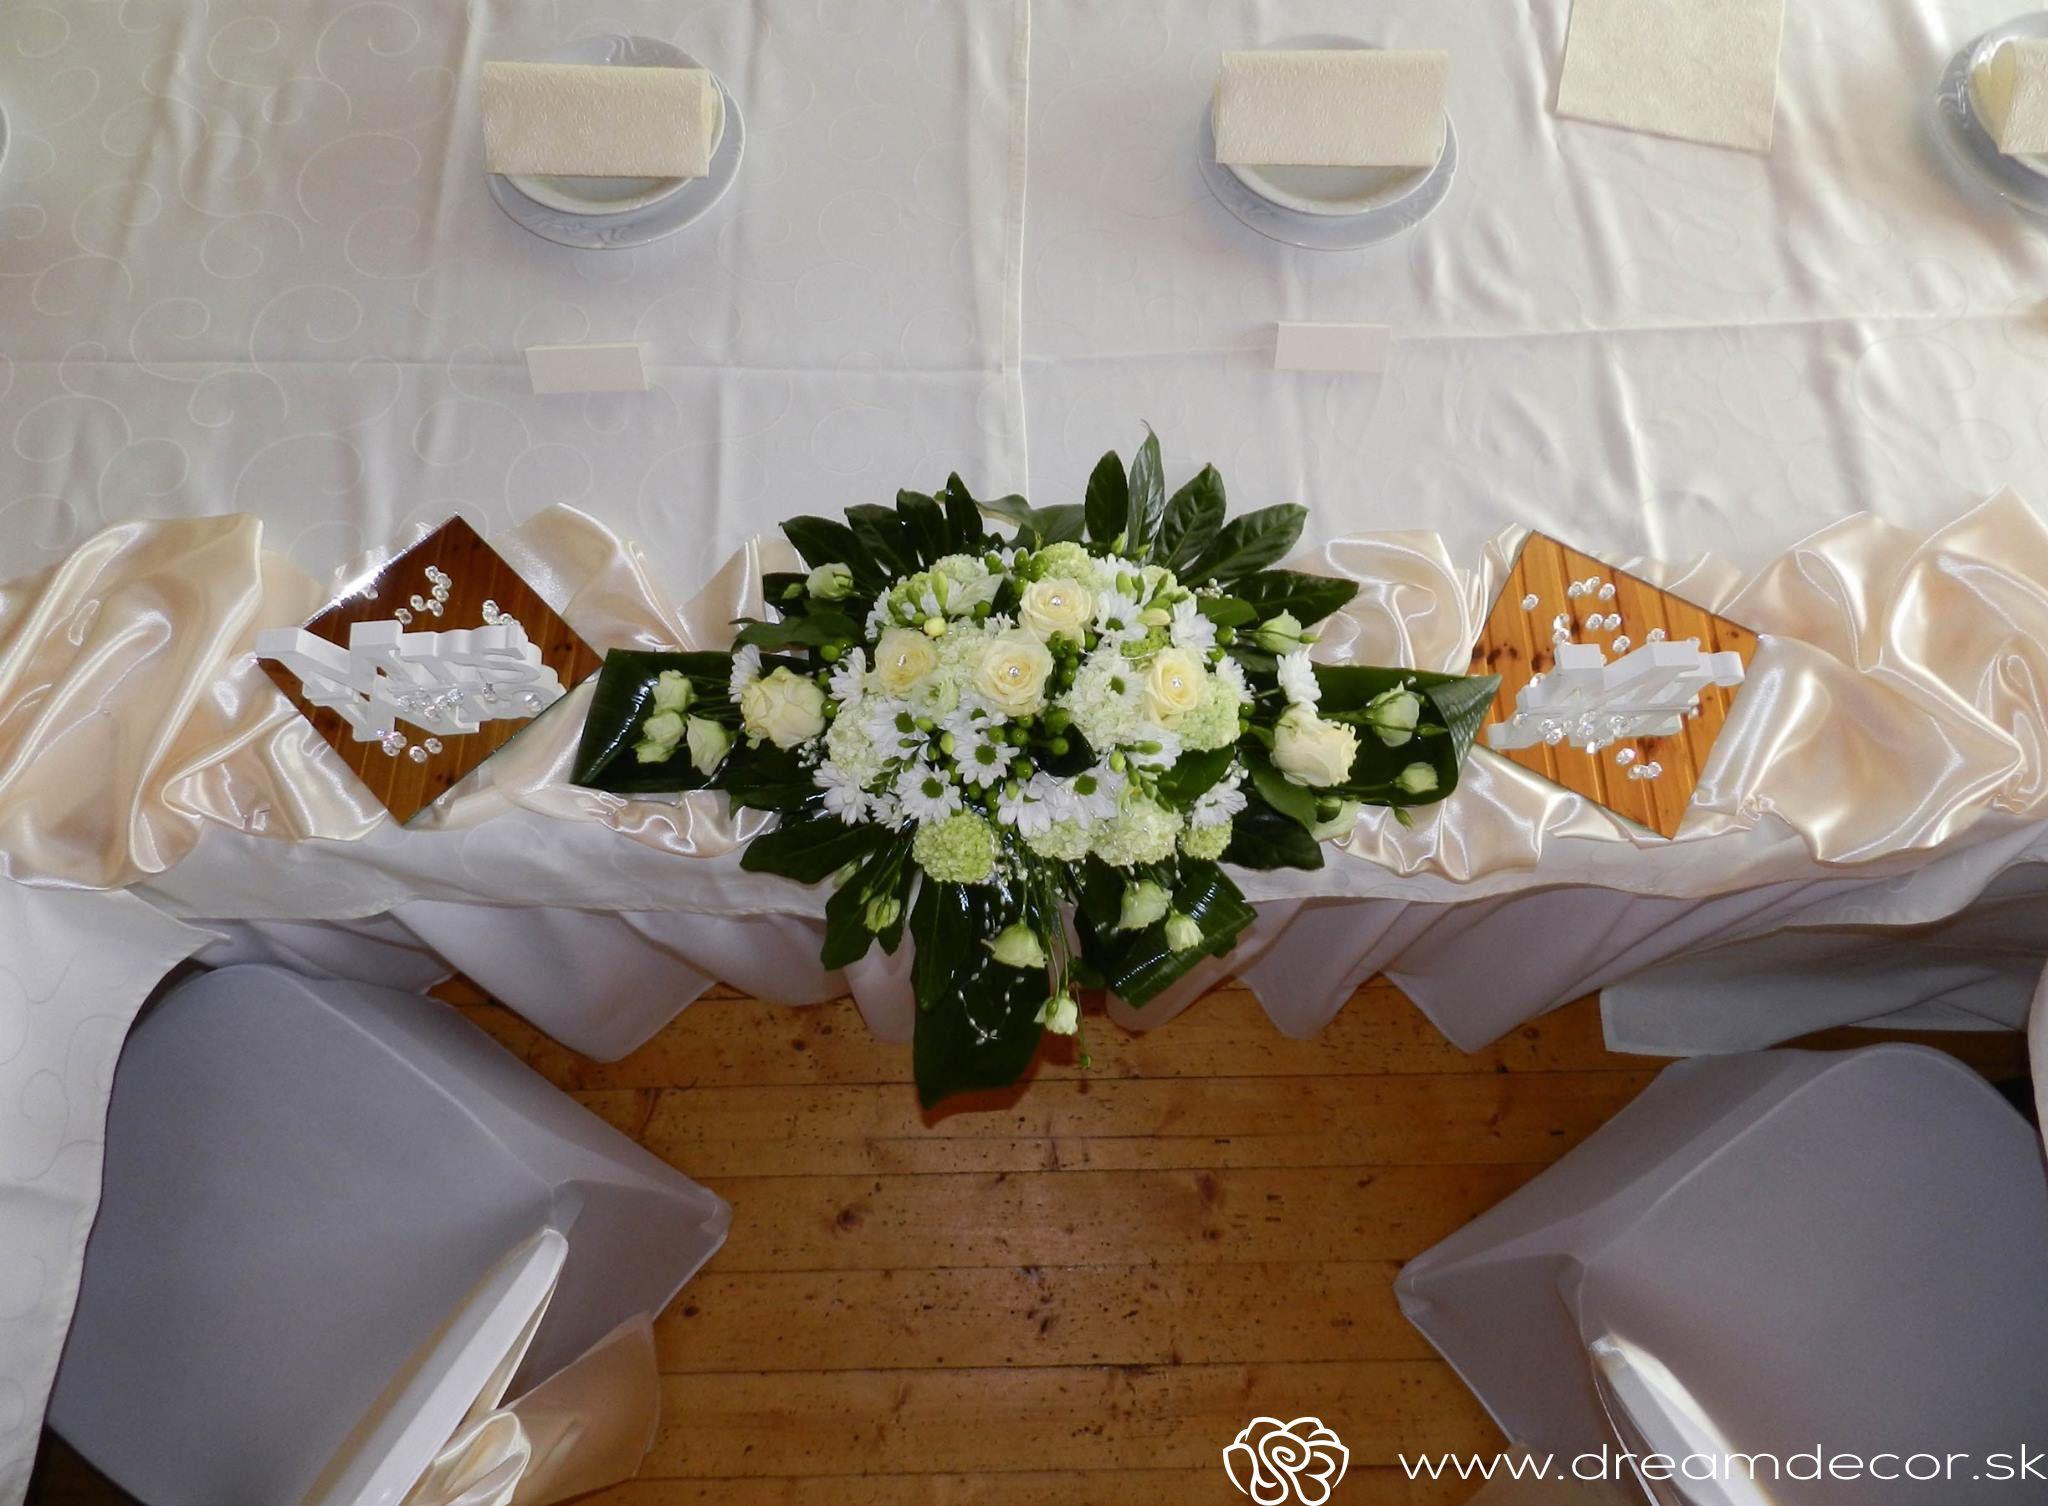 6b35d9bb5 Kvetinová výzdoba na hlavný stôl. | Kvetinová výzdoba svadby | Svadby